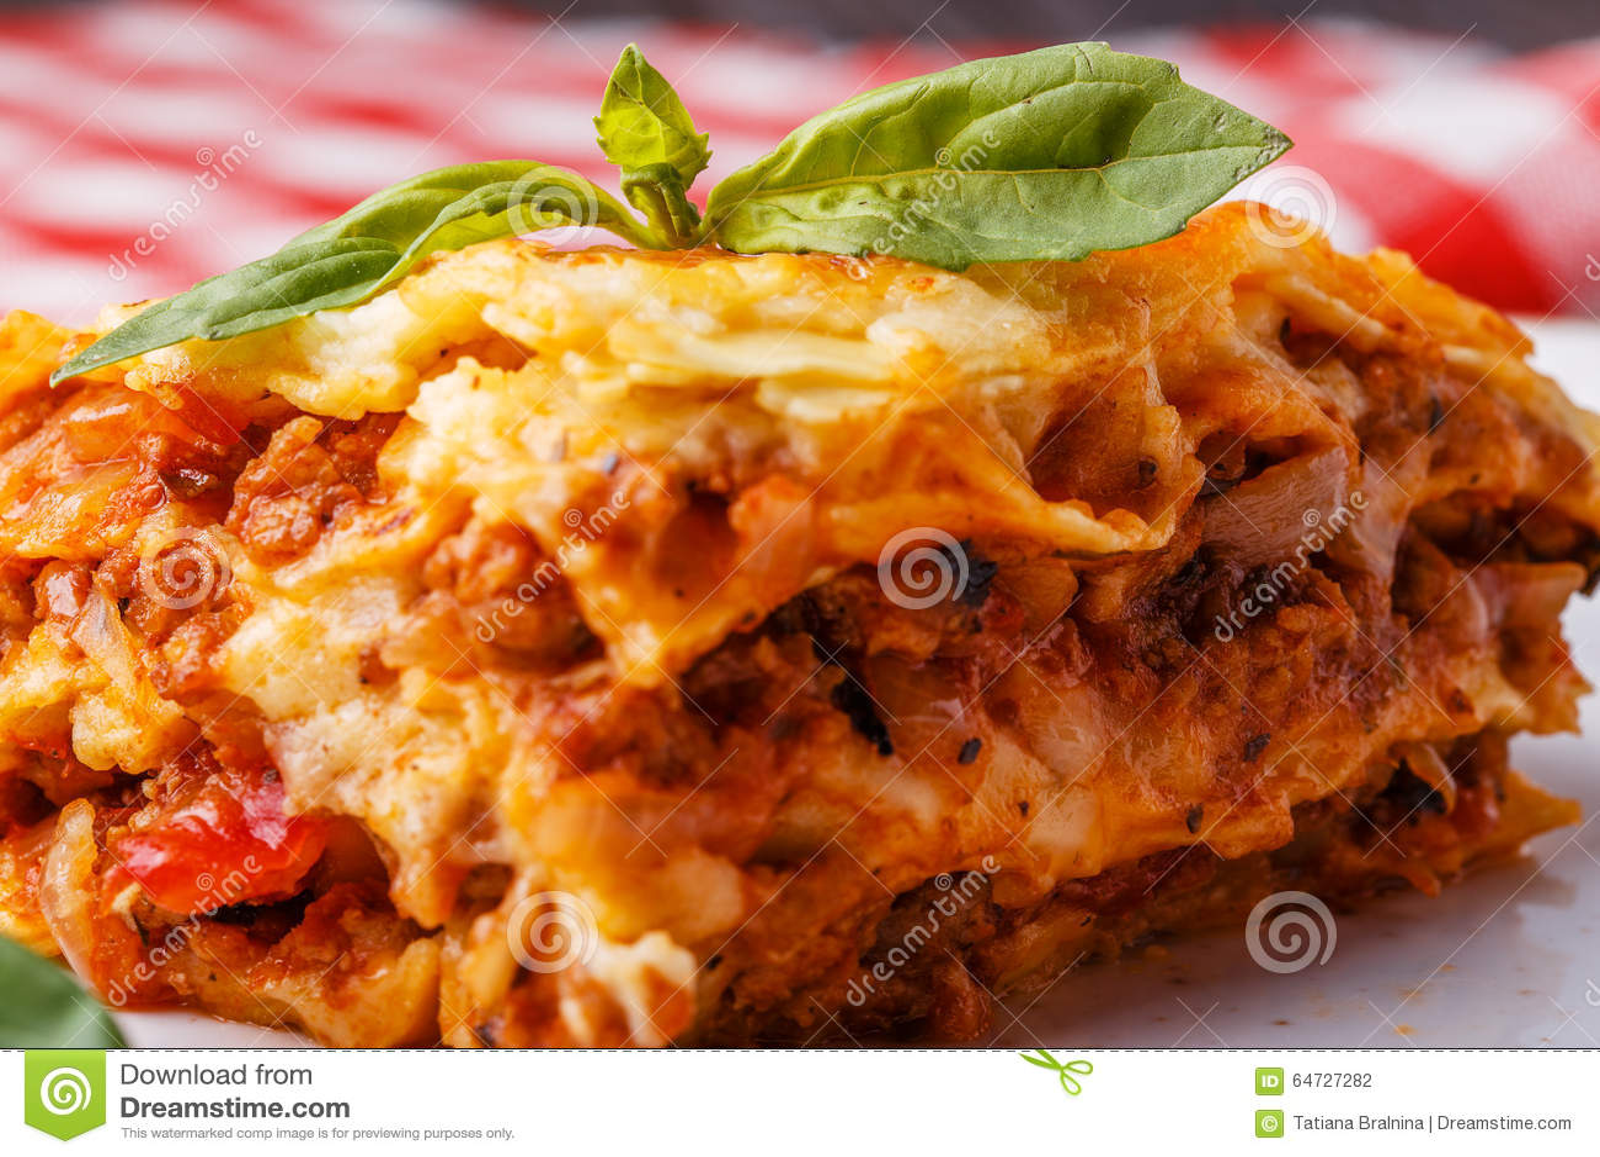 Le lasagne al forno tradizionali fatte con il manzo tritato bolognese sauce